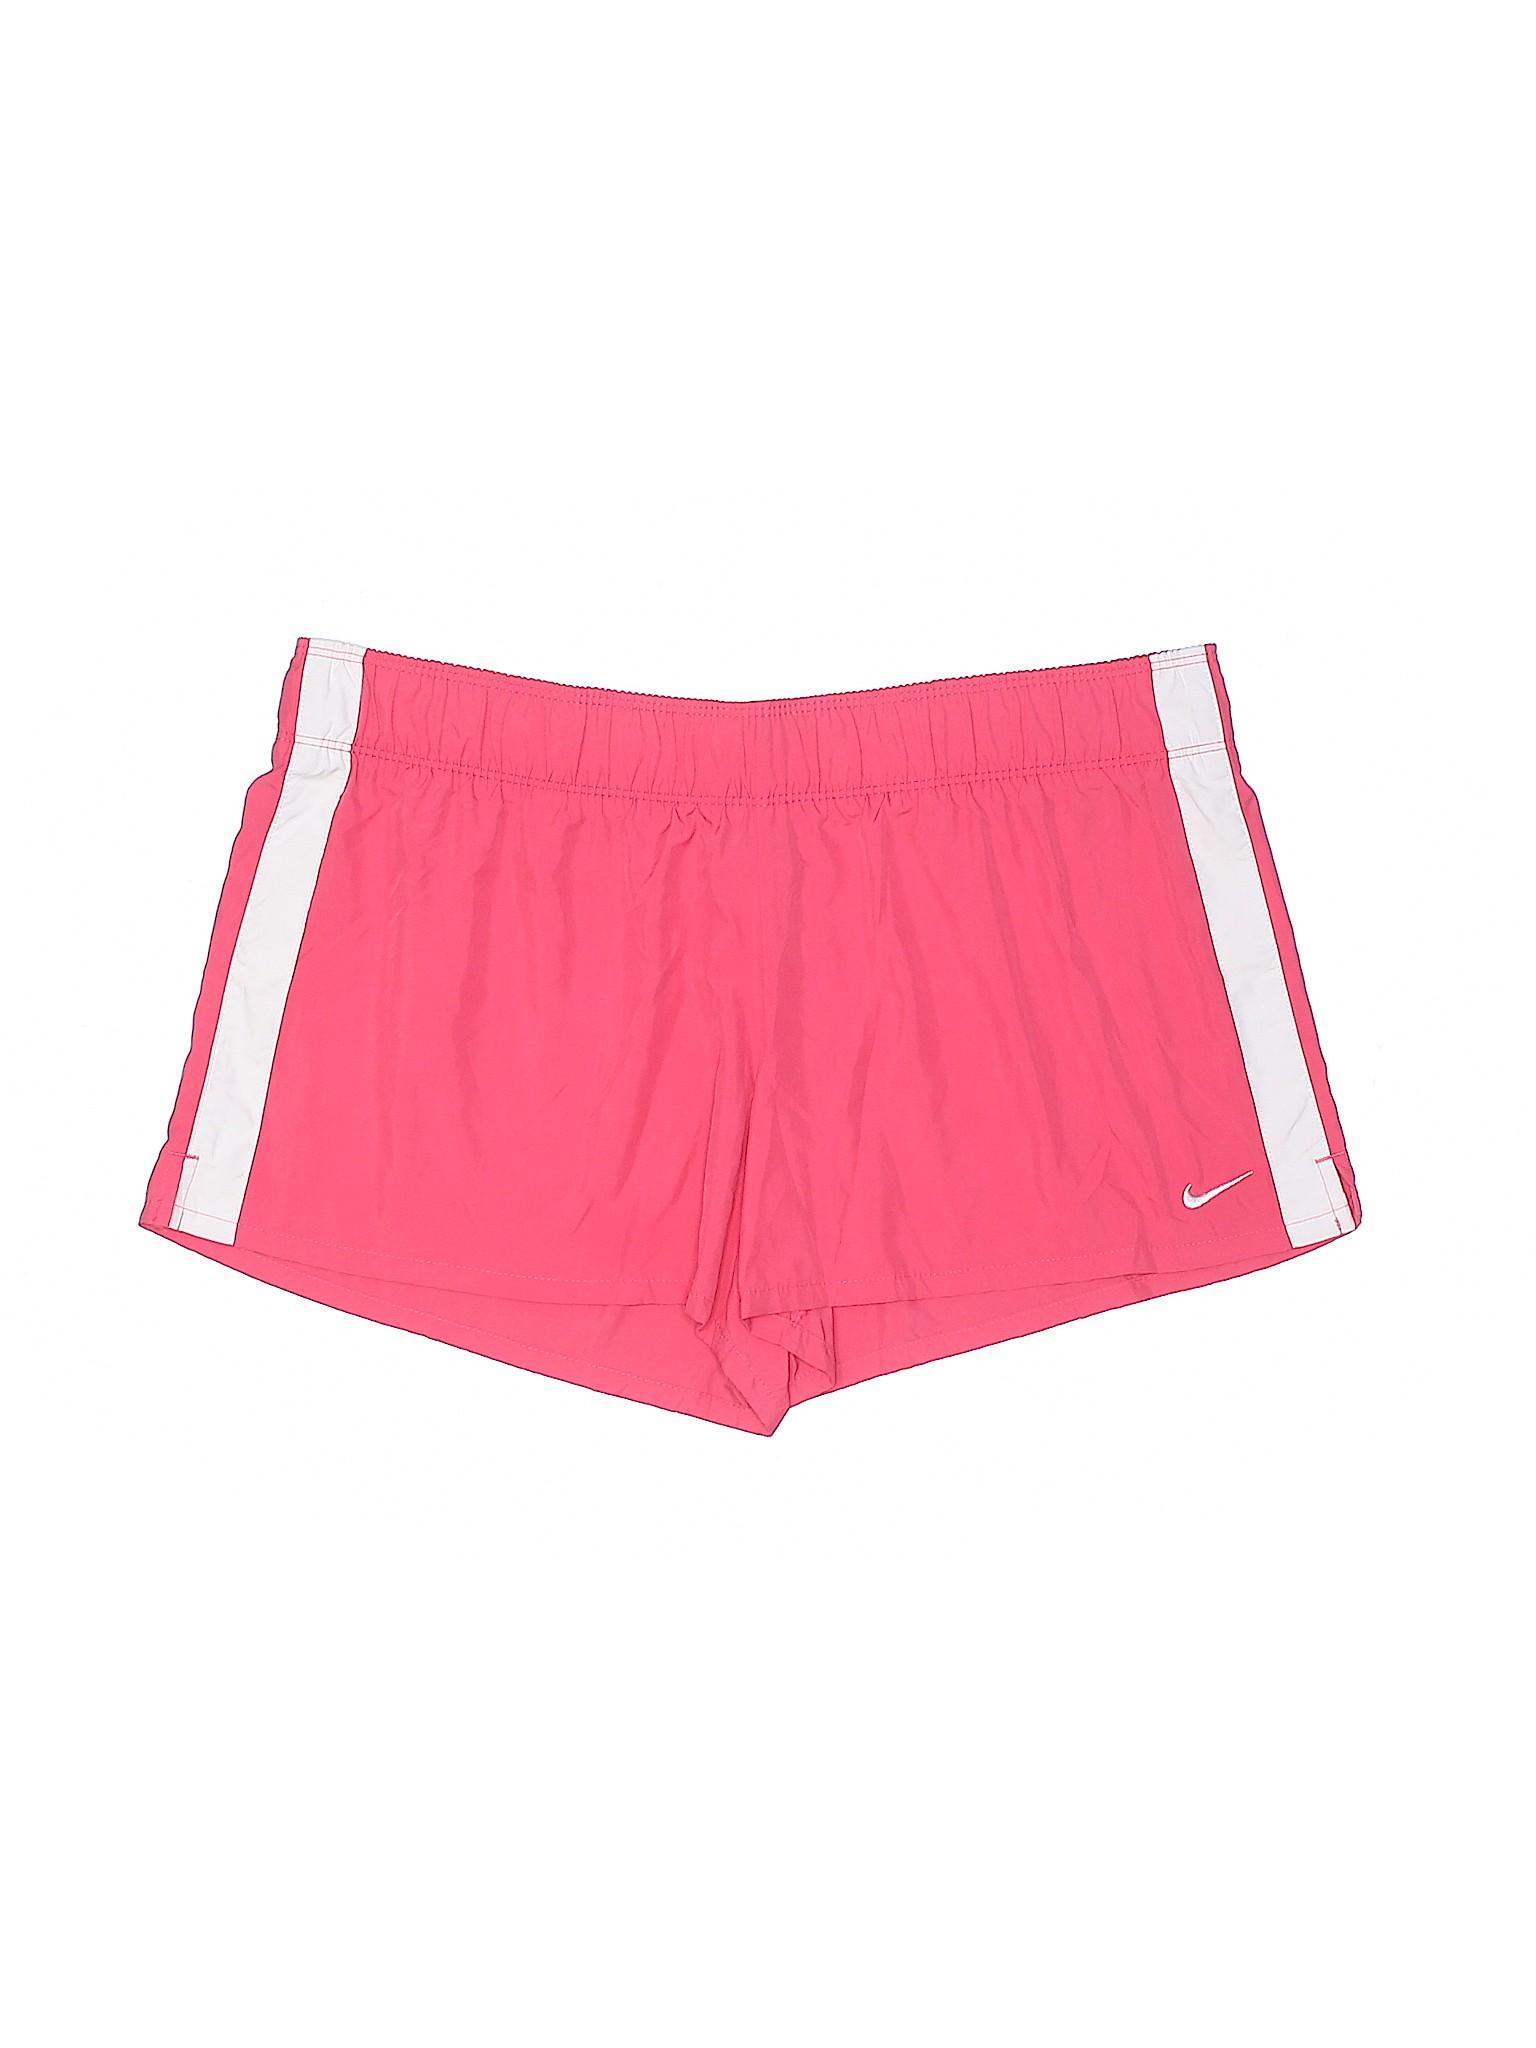 Shorts Boutique Nike Athletic Shorts Shorts Nike Boutique Nike Boutique Athletic Athletic pXZwIqgn